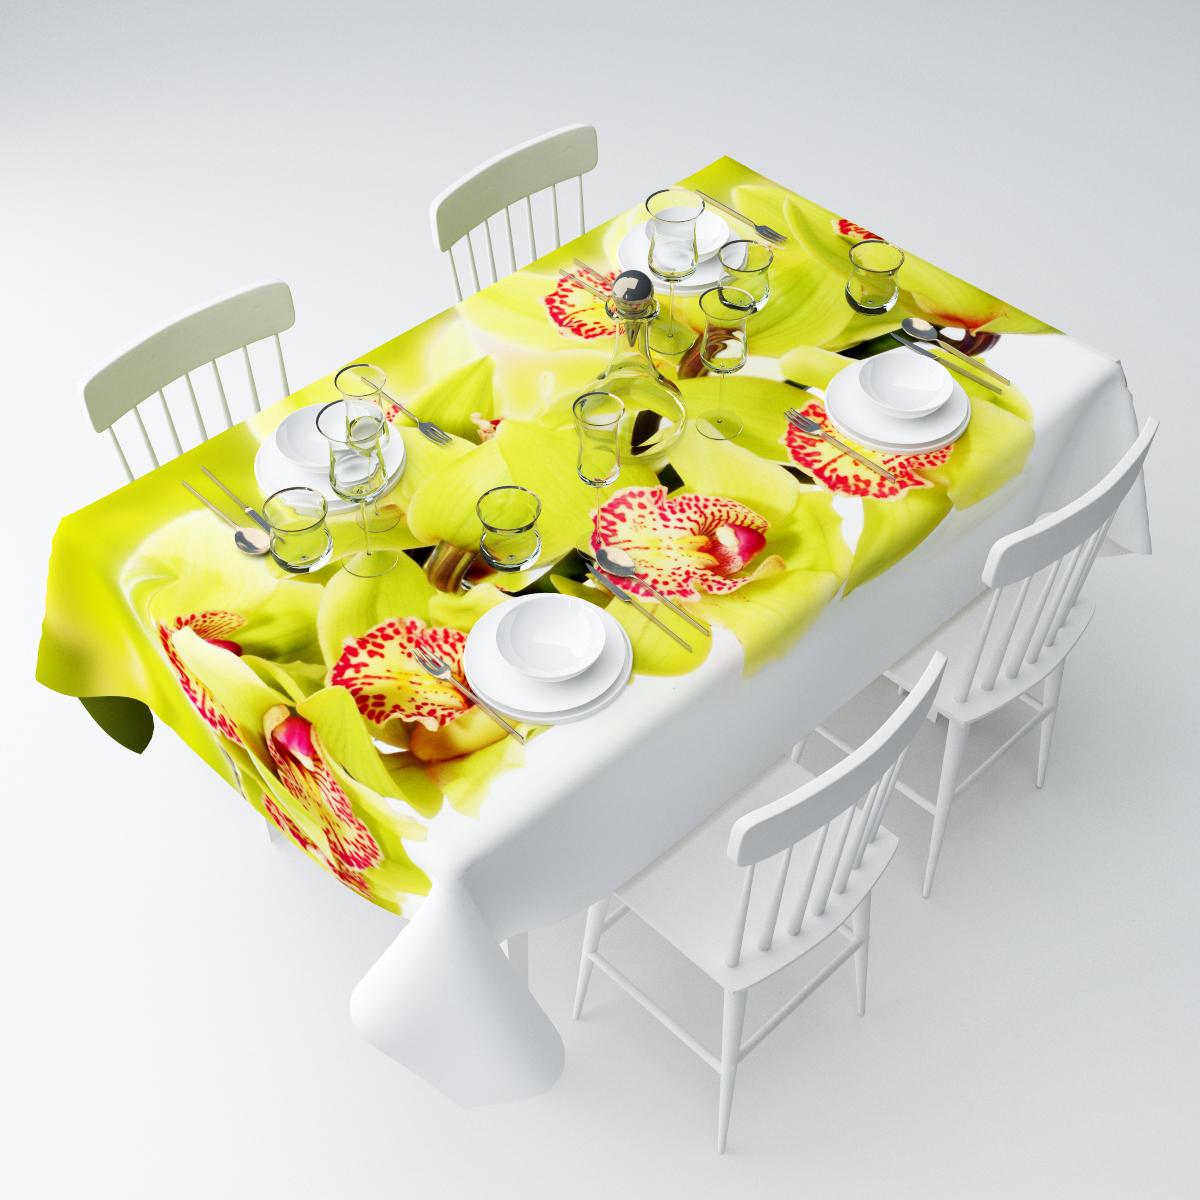 Скатерть Сирень Ветки зеленой орхидеи, прямоугольная, 145 х 220 смСКГБ004-04612Прямоугольная скатерть Сирень Ветки зеленой орхидеи, выполненная из габардина с ярким рисунком, преобразит вашу кухню, визуально расширит пространство, создаст атмосферу радости и комфорта. Рекомендации по уходу: стирка при 30 градусах, гладить при температуре до 110 градусов.Размер скатерти: 145 х 220 см. Изображение может немного отличаться от реального.